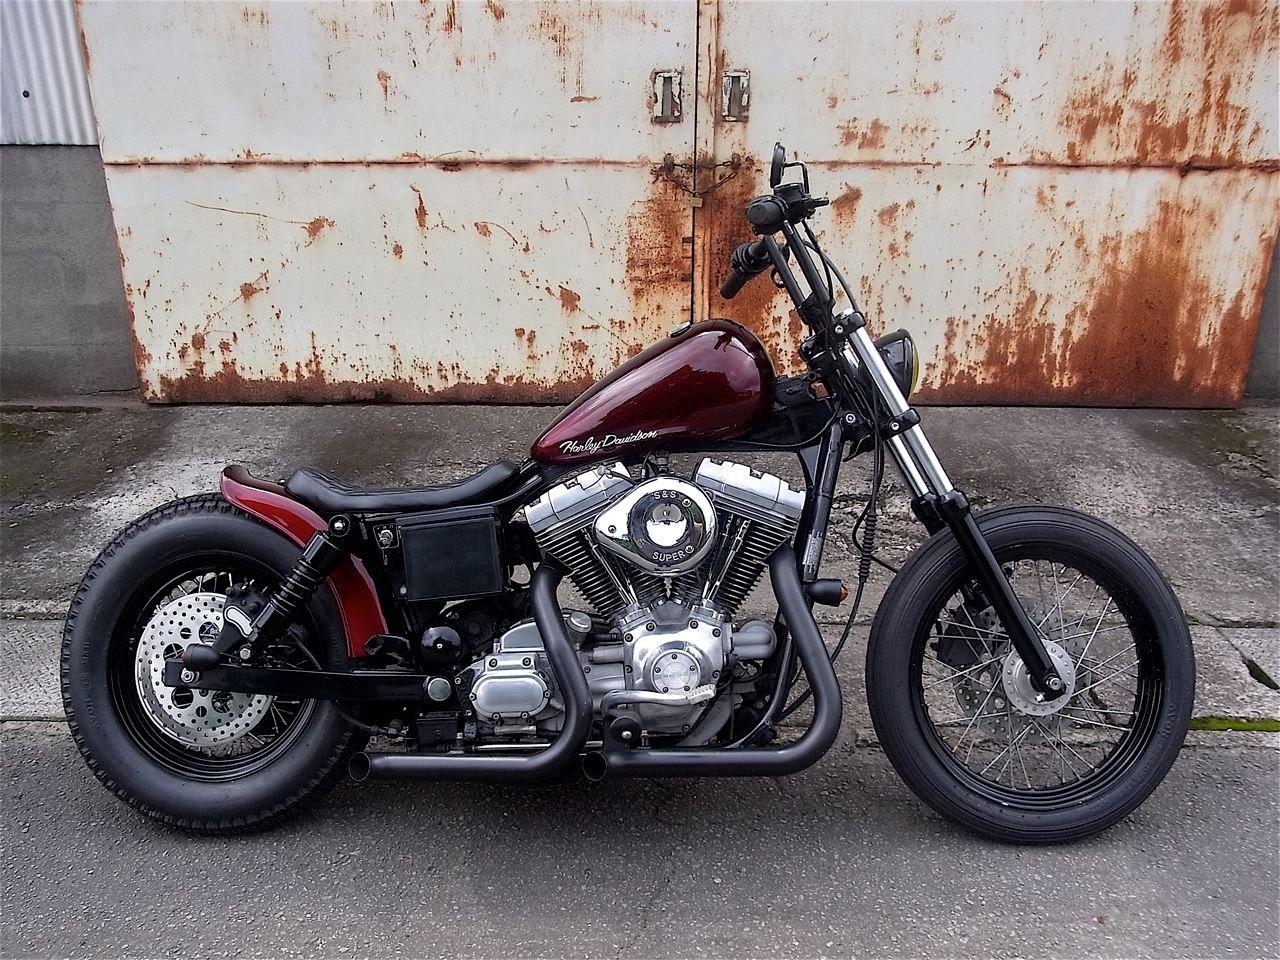 Chop Dyna Motorrad Harley Davidson Dyna Dyna Super Glide